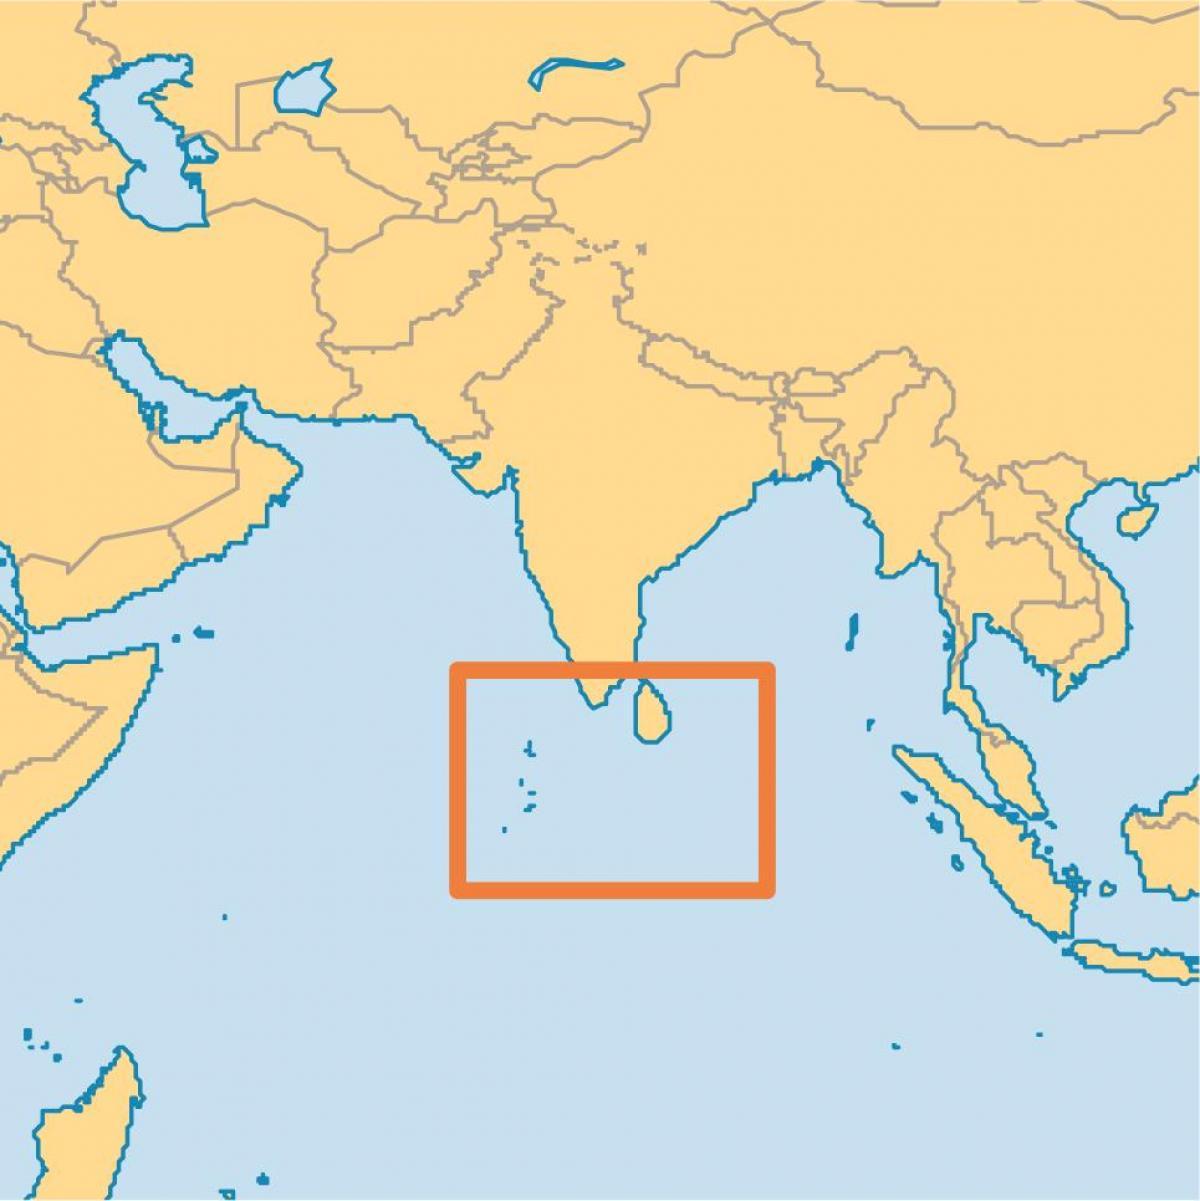 Verden Kort Maldiverne Oer Maldiverne Oen Placering Pa